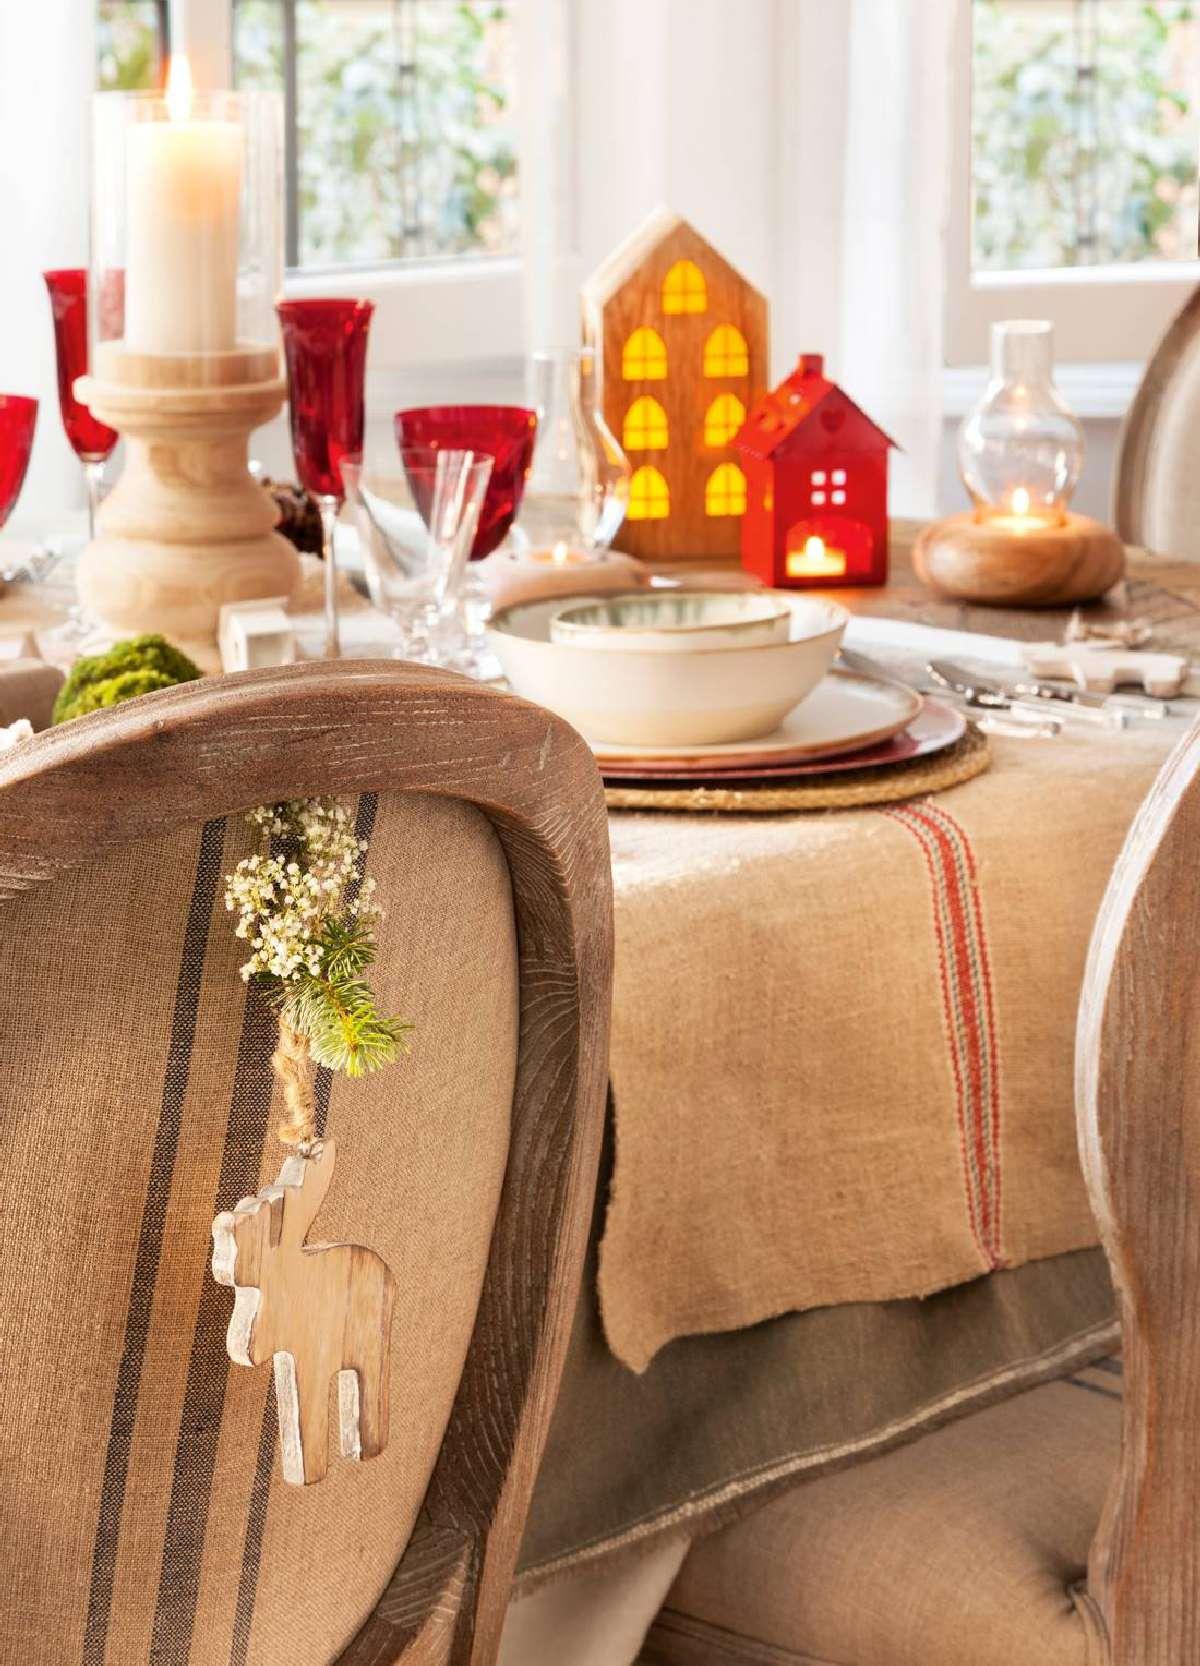 Elementos imprescindibles para decorar tu hogar en Navidad 6